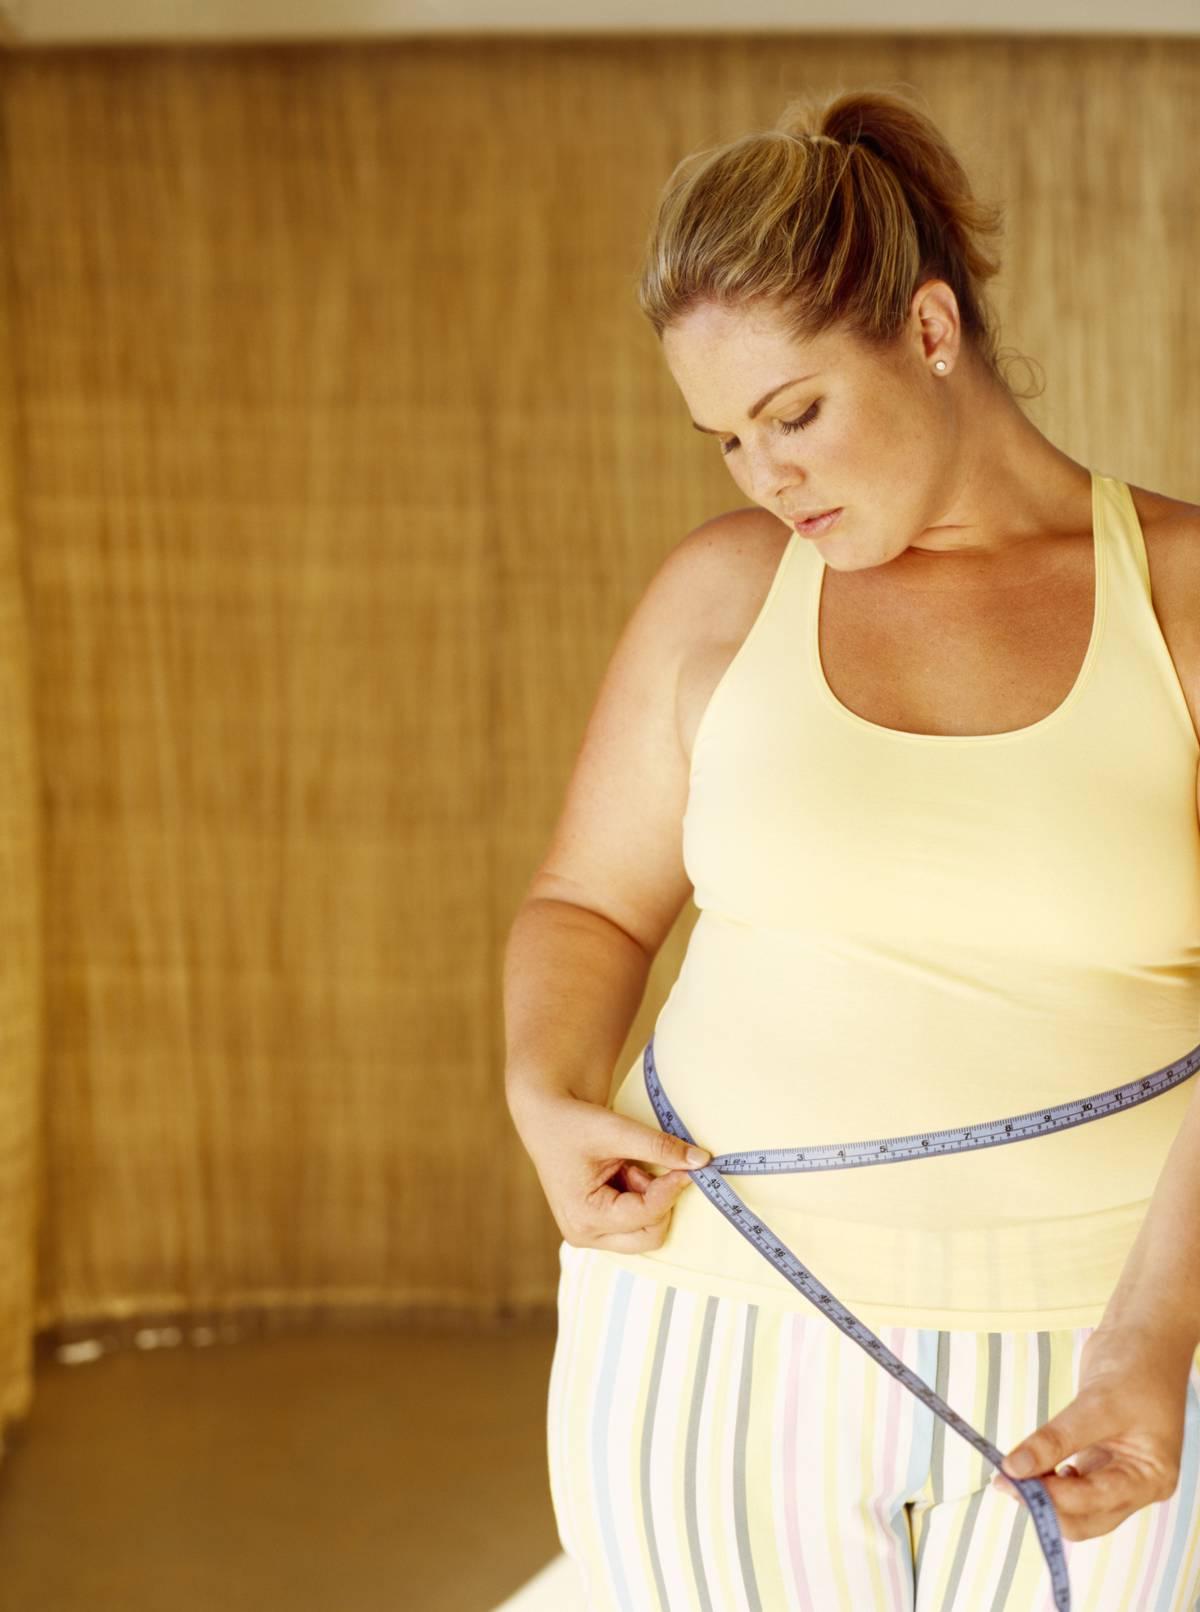 лишний вес и проблемы с зачатием